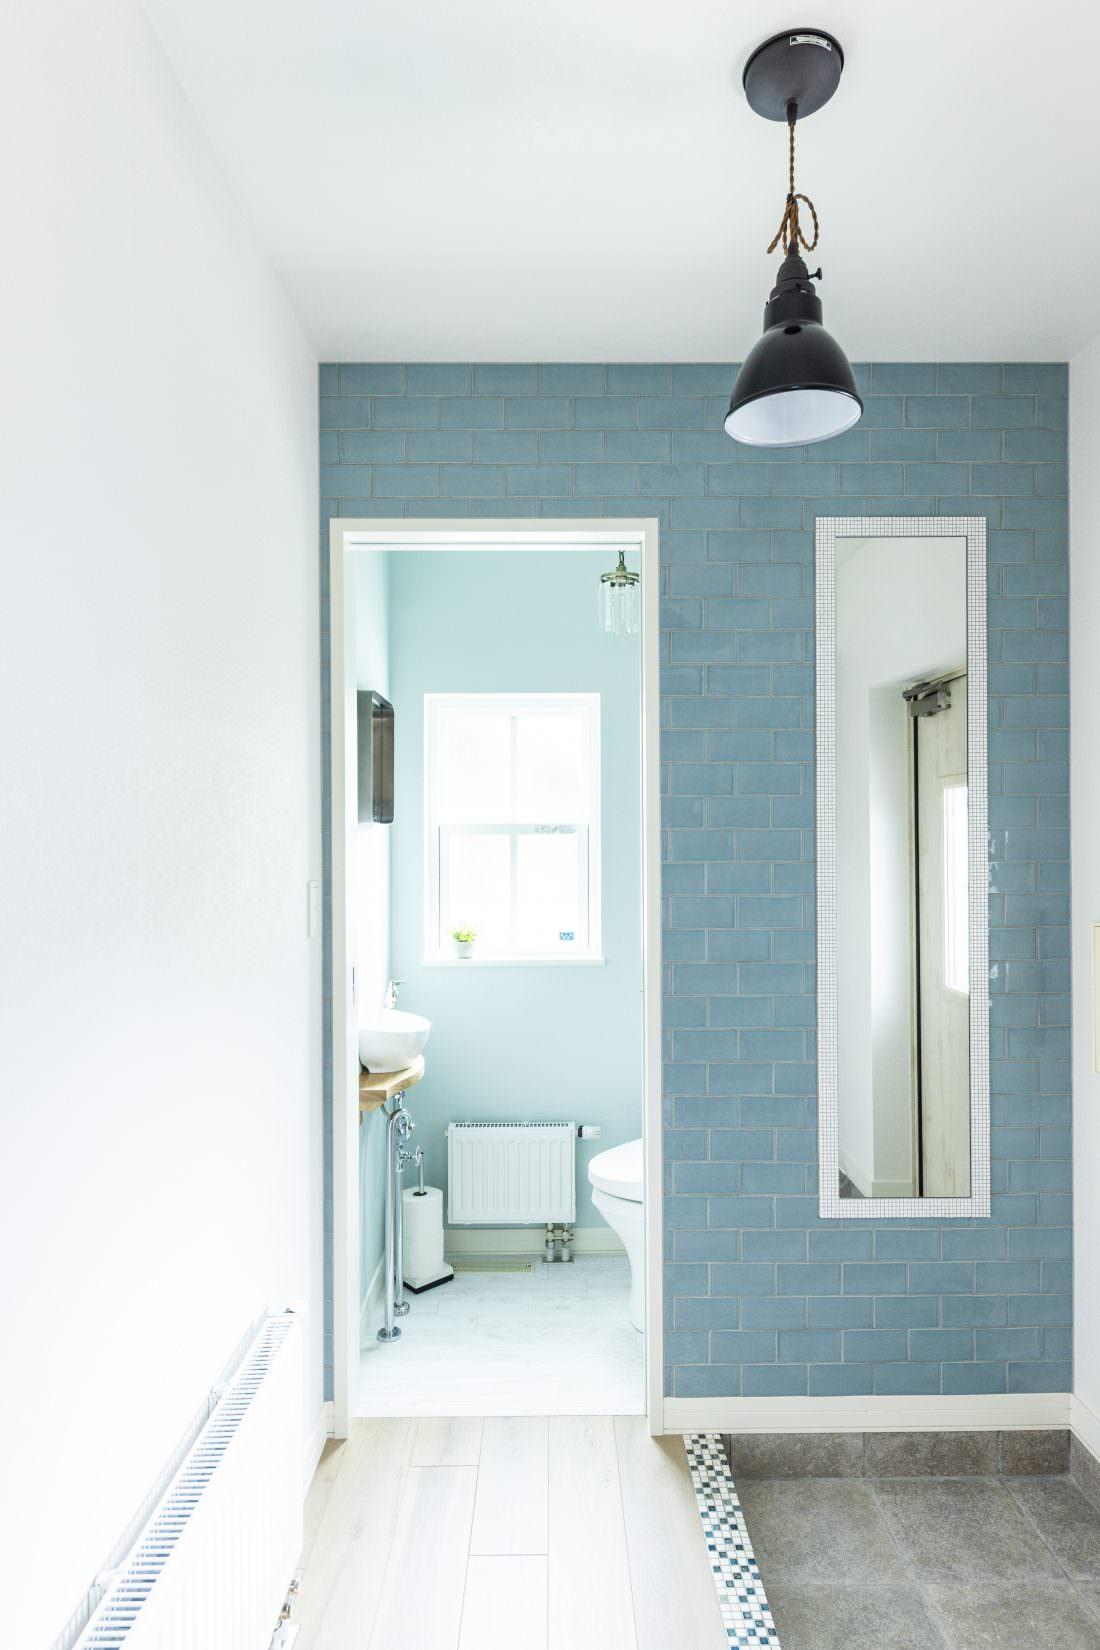 ブルーのタイル張りと姿見が印象的な玄関